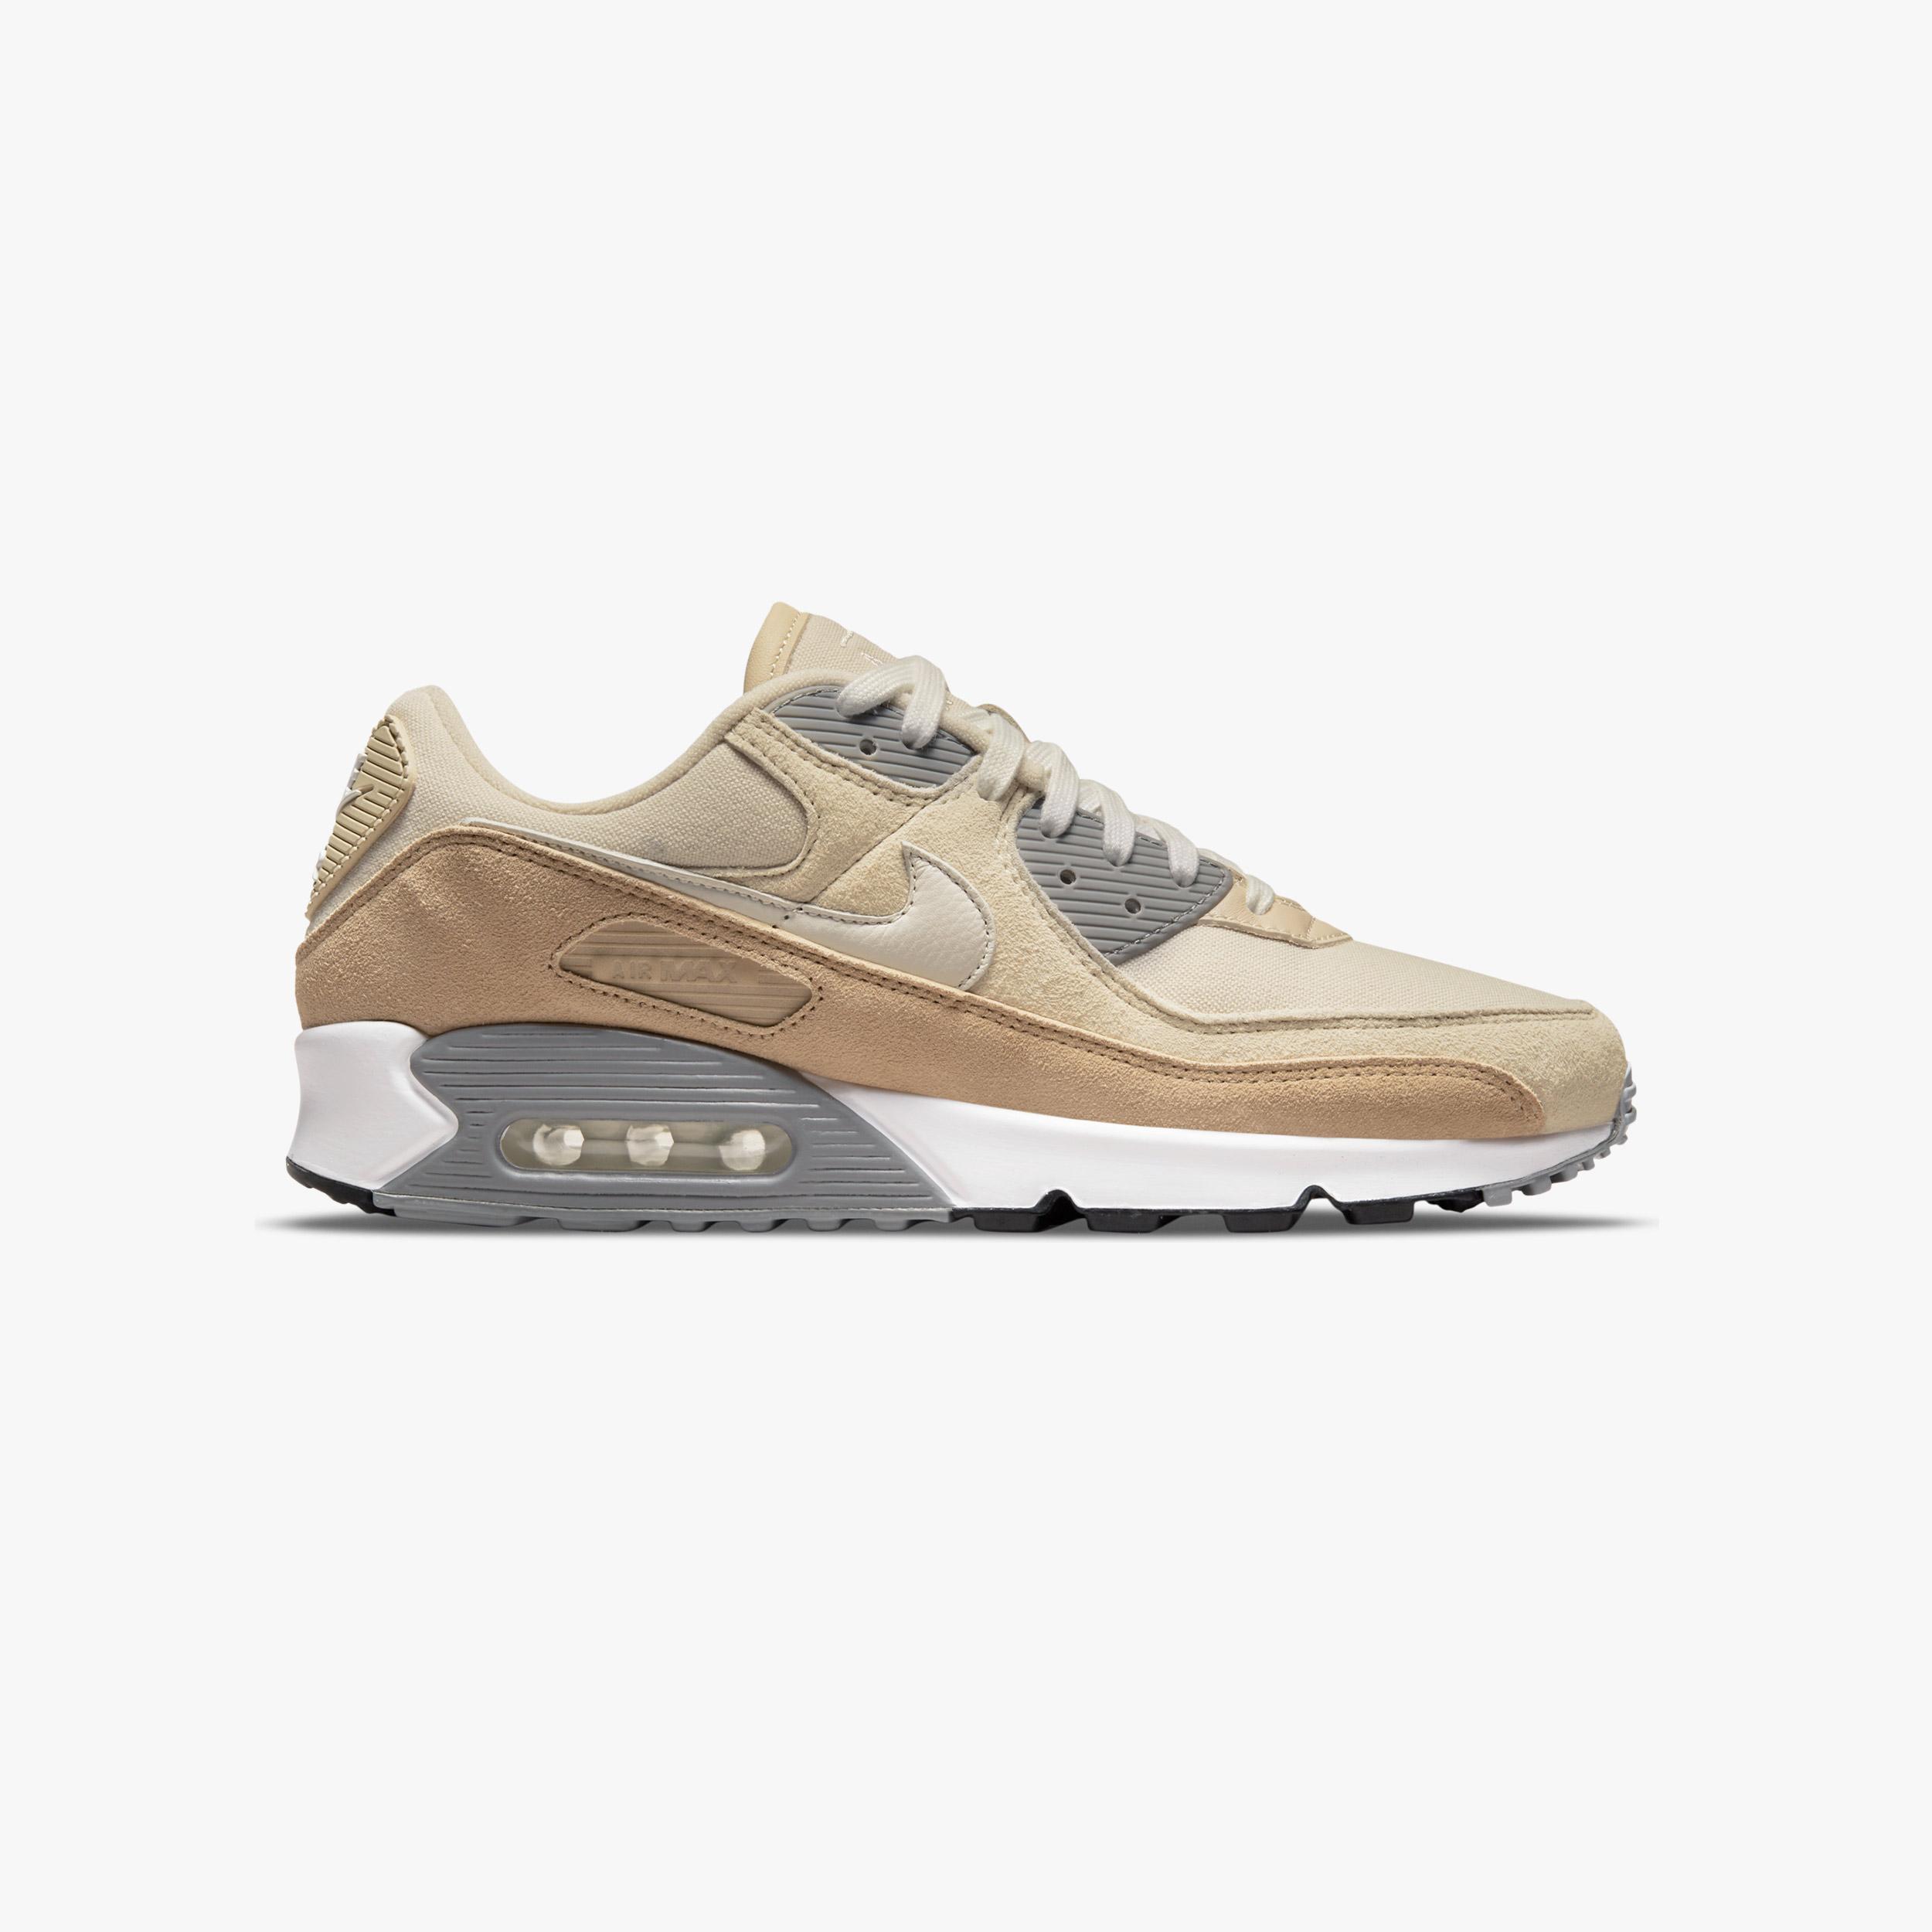 Nike Air Max 90 Premium - Da1641-201 - SNS | sneakers & streetwear ...